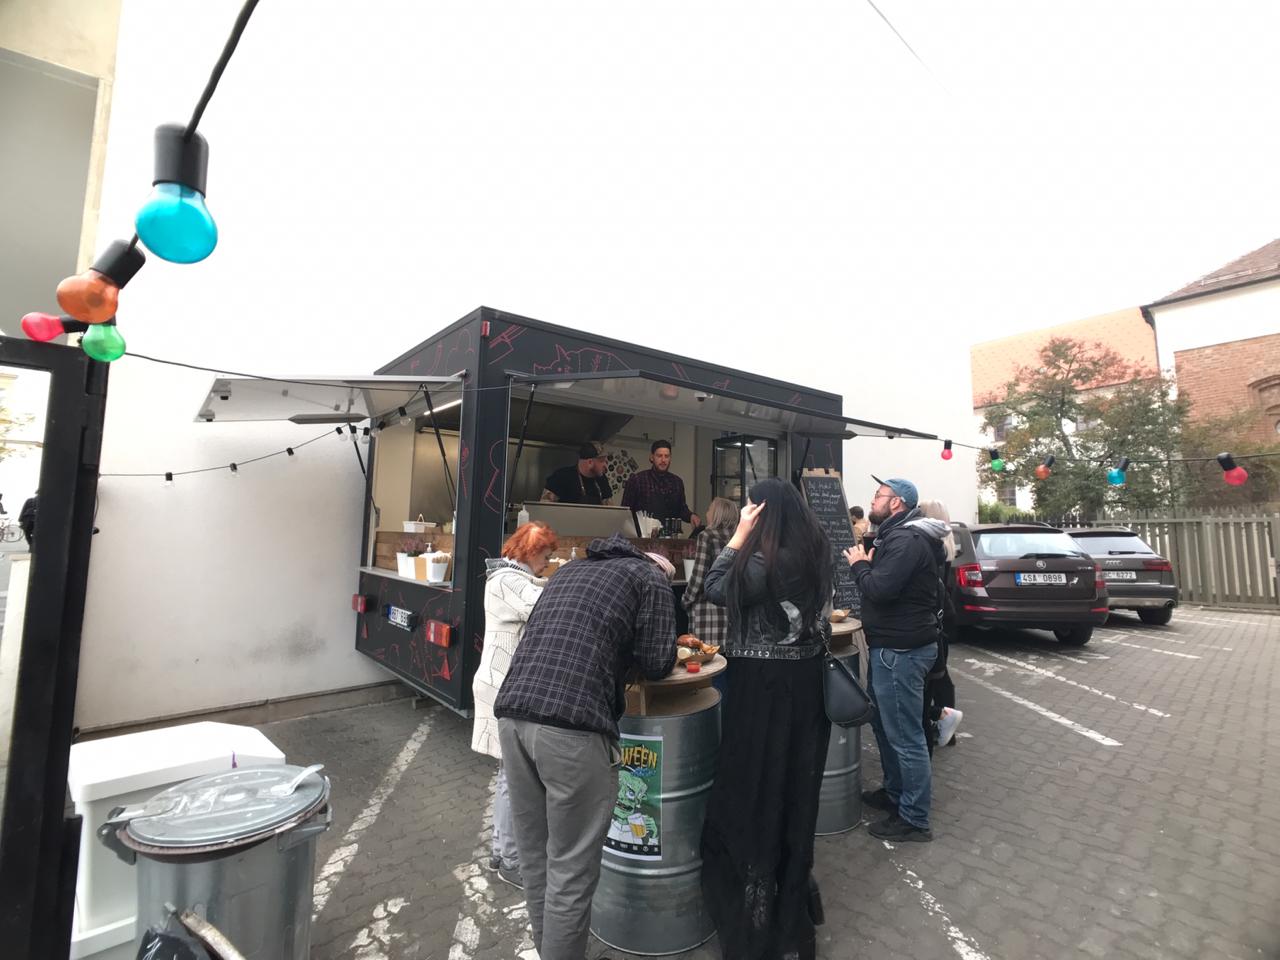 【チェコ旅】並んでも食べたいブルノのビーフたっぷりハンバーガー「BUCHECK」#チェコへ行こう #cz100y #Brno #ブルノ